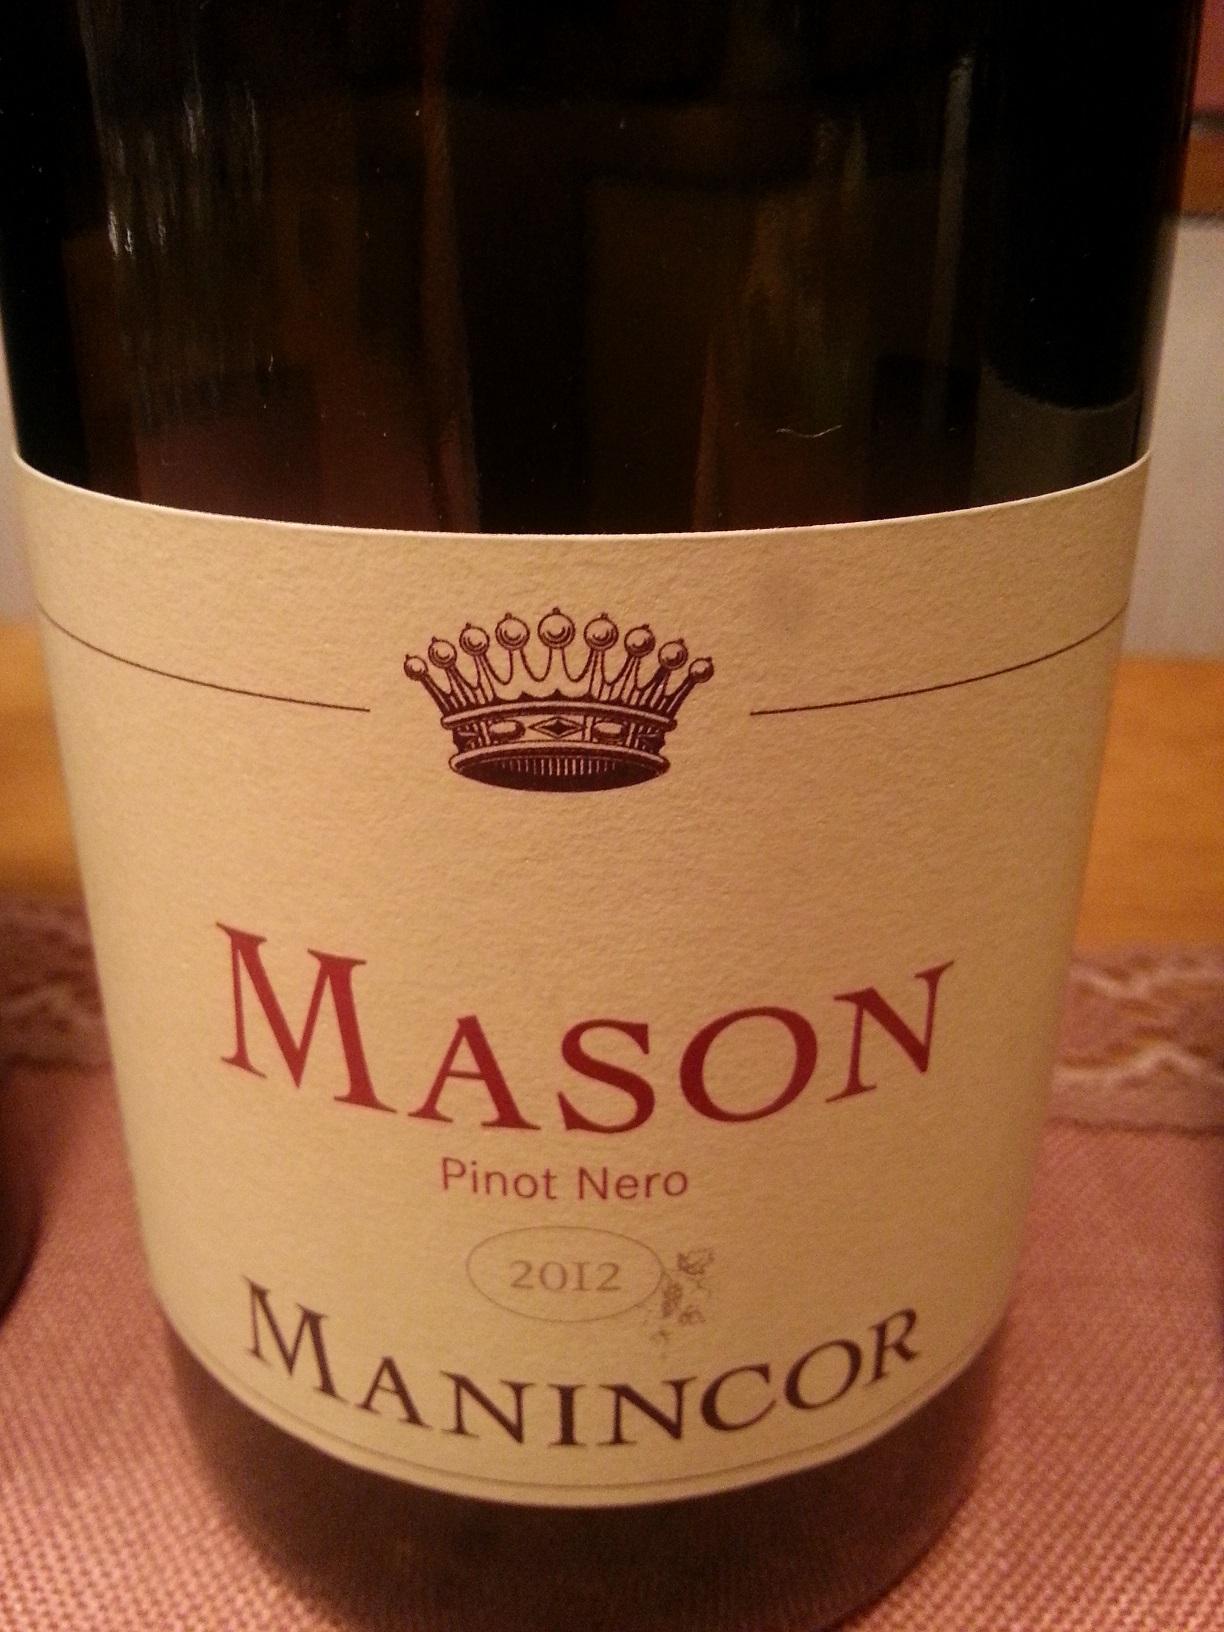 2012 Pinot Nero Mason | Manincor